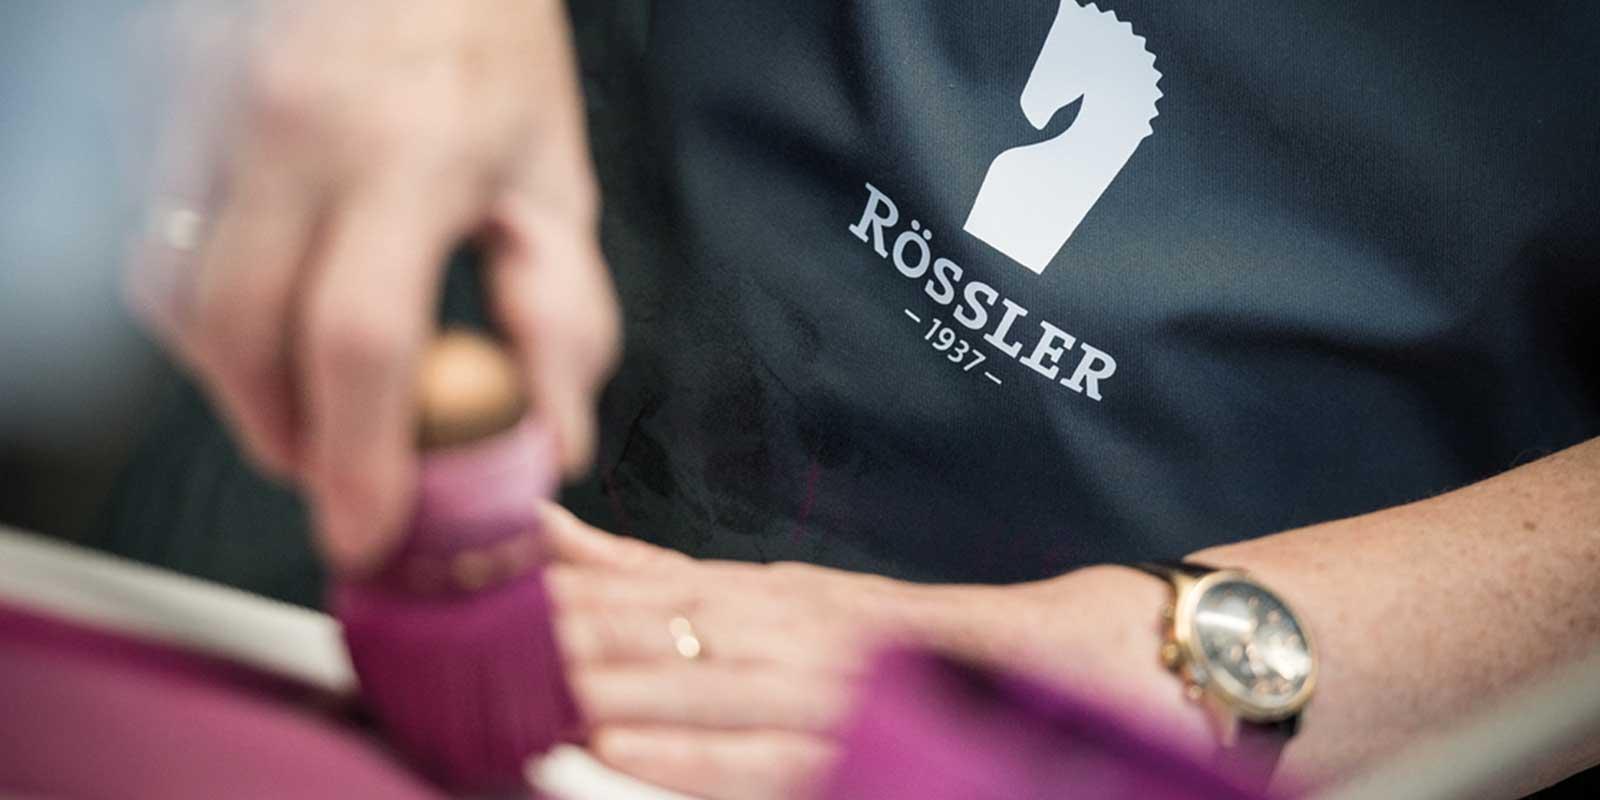 Roessler-Manufaktur-GeschichteSDhMRObroVaxC